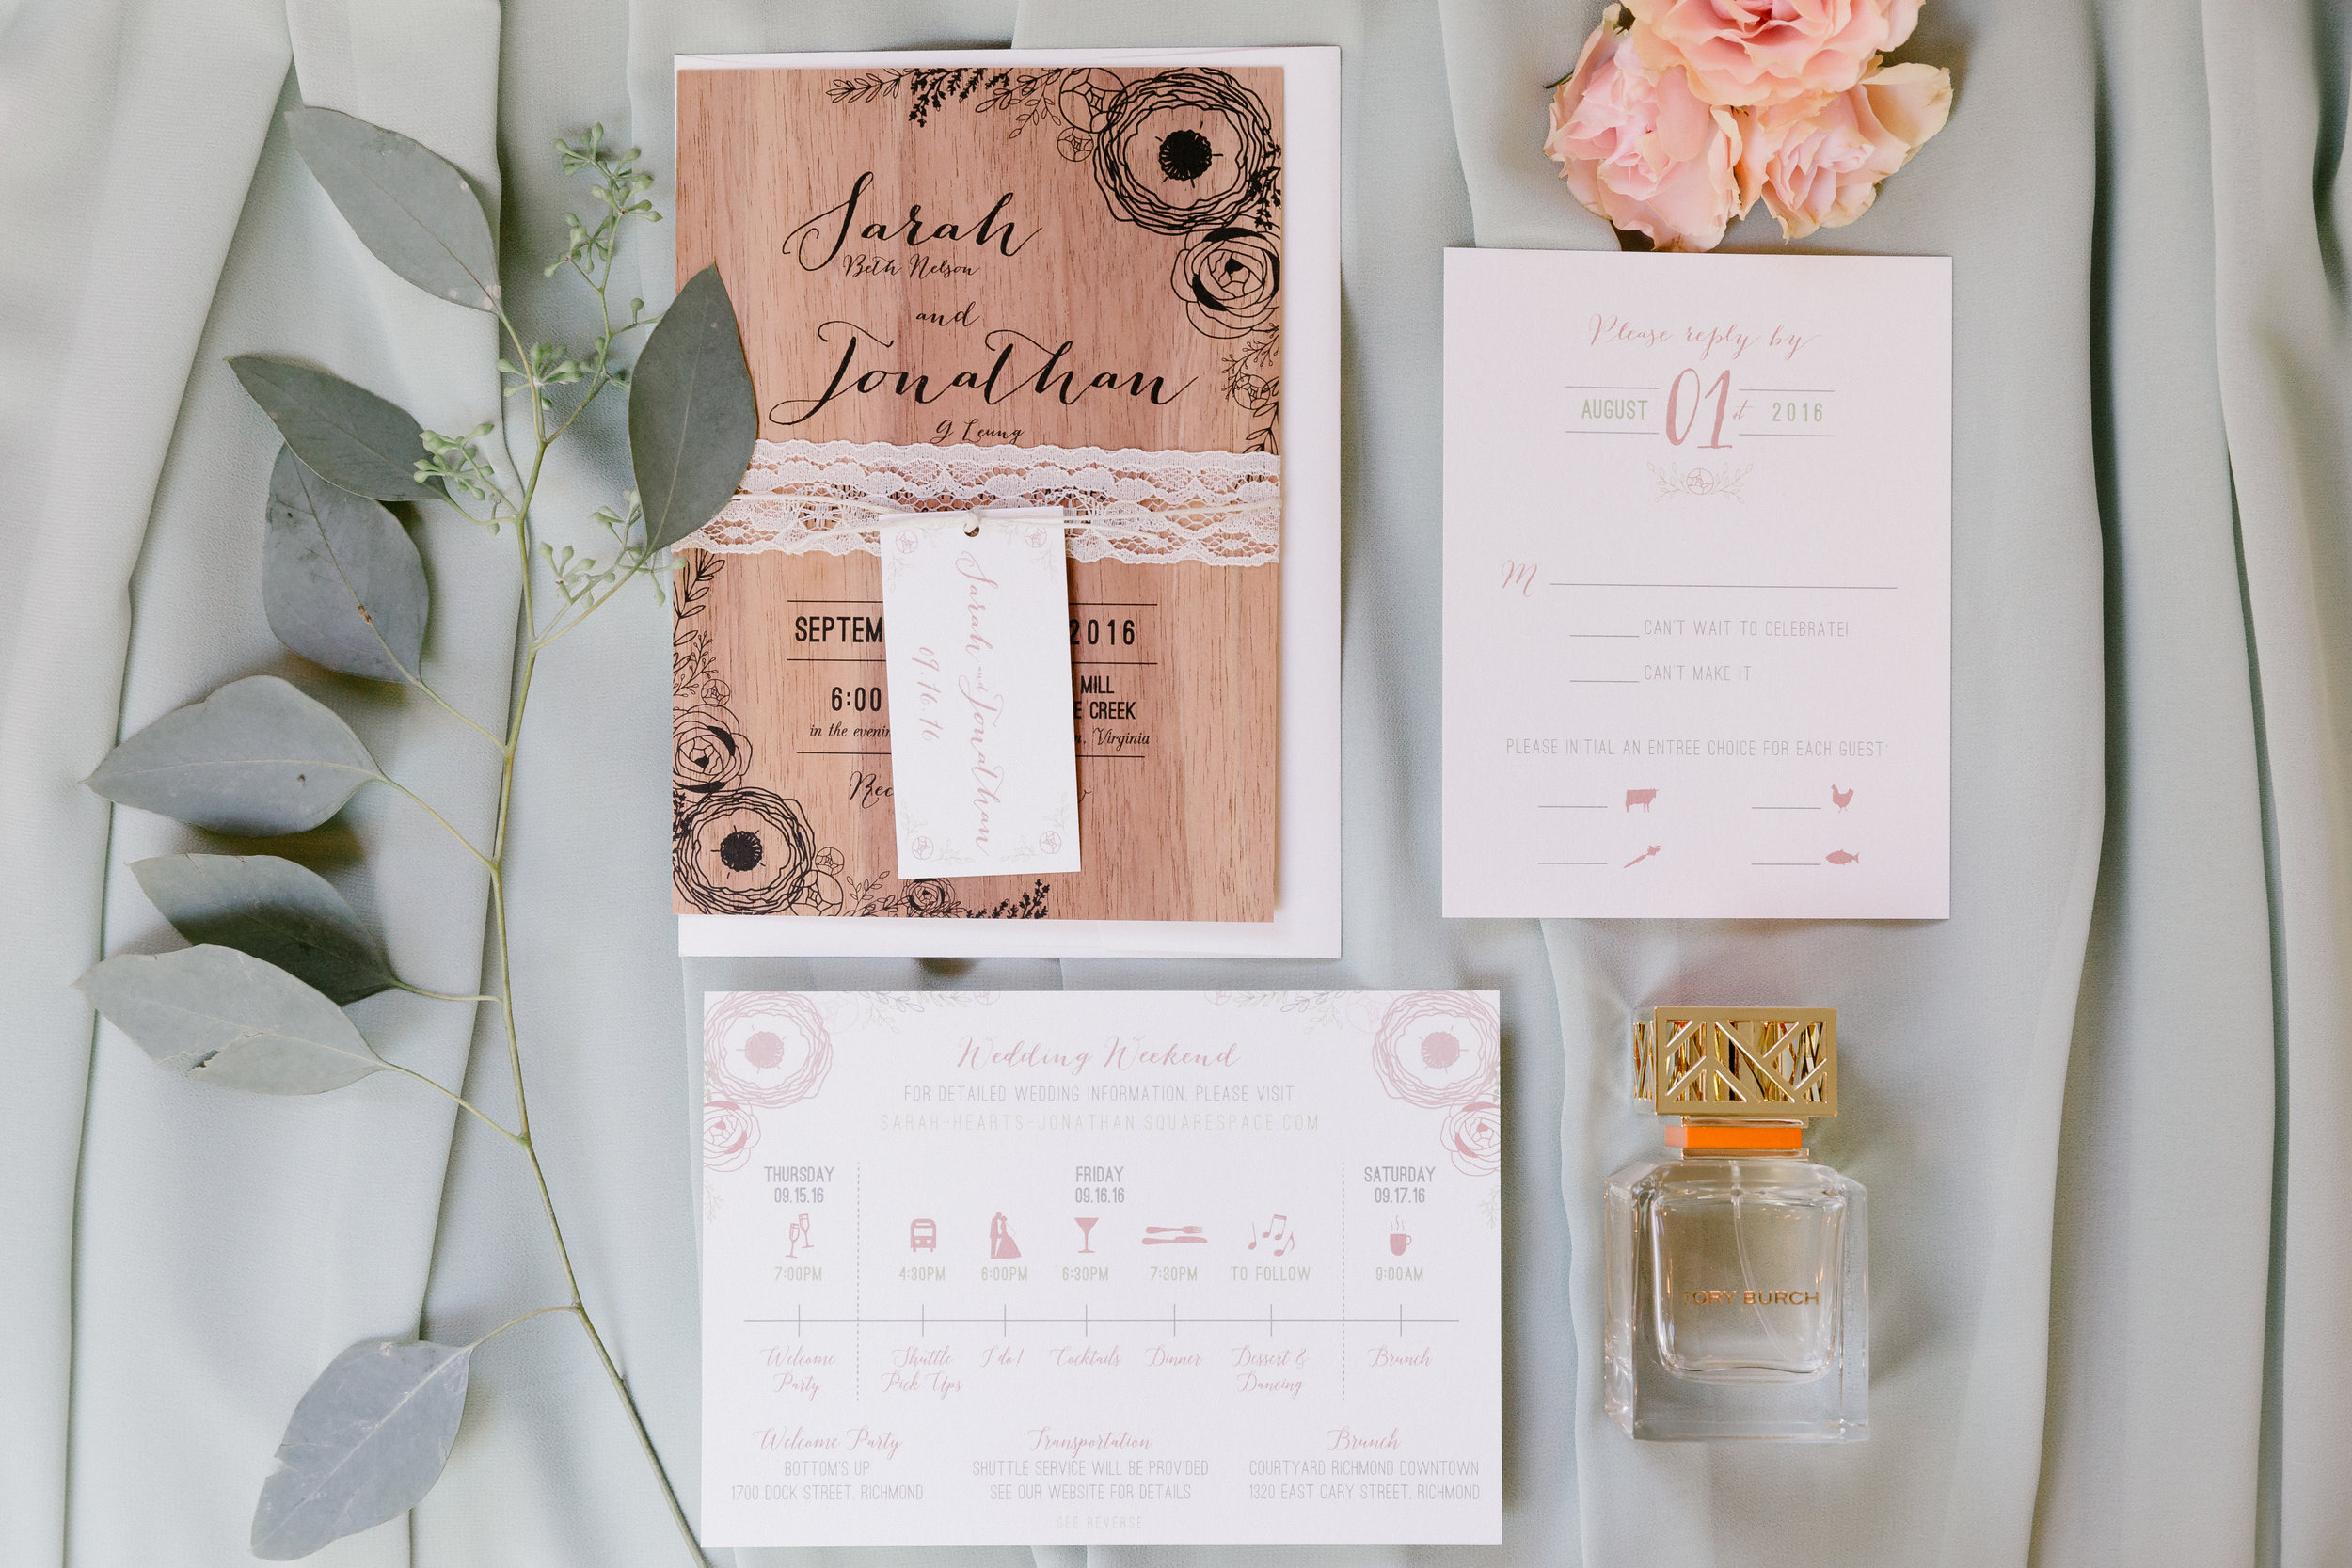 Sarah & Johnathan - Wood and Lace Invitation